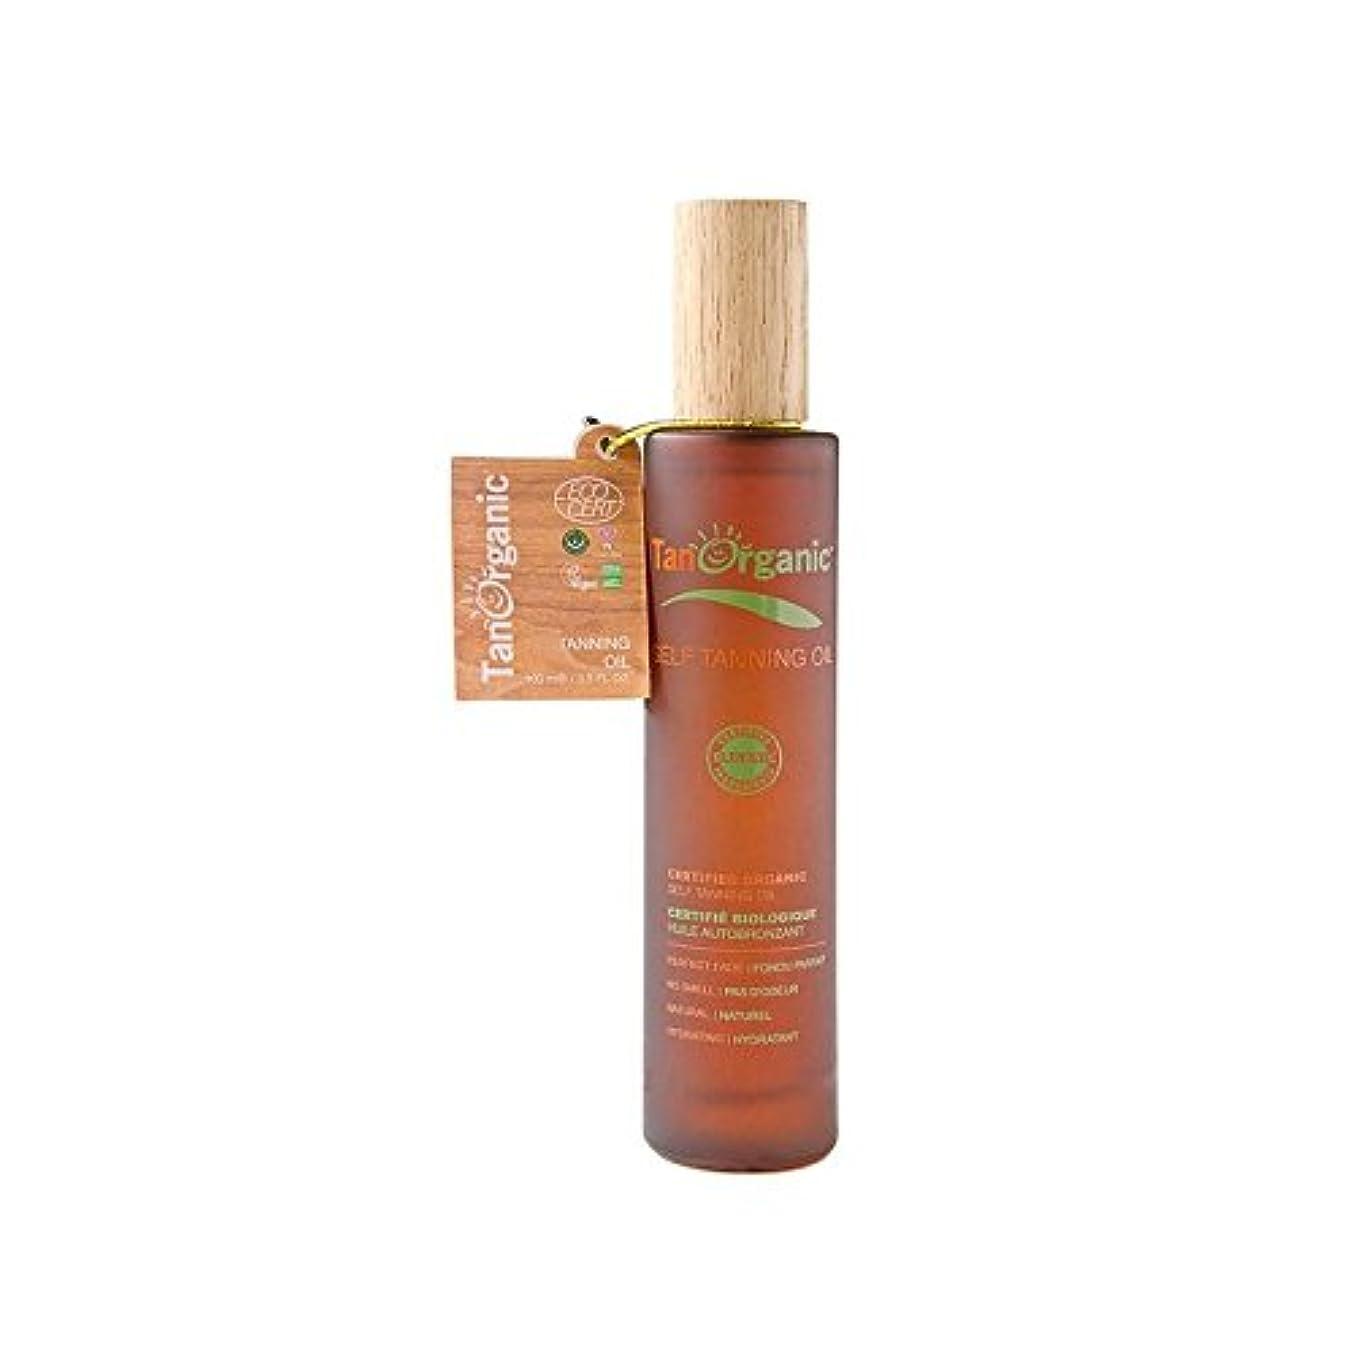 疑い者キャロラインアパルTanorganic自己日焼け顔&ボディオイル (Tan Organic) - TanOrganic Self-Tan Face & Body Oil [並行輸入品]